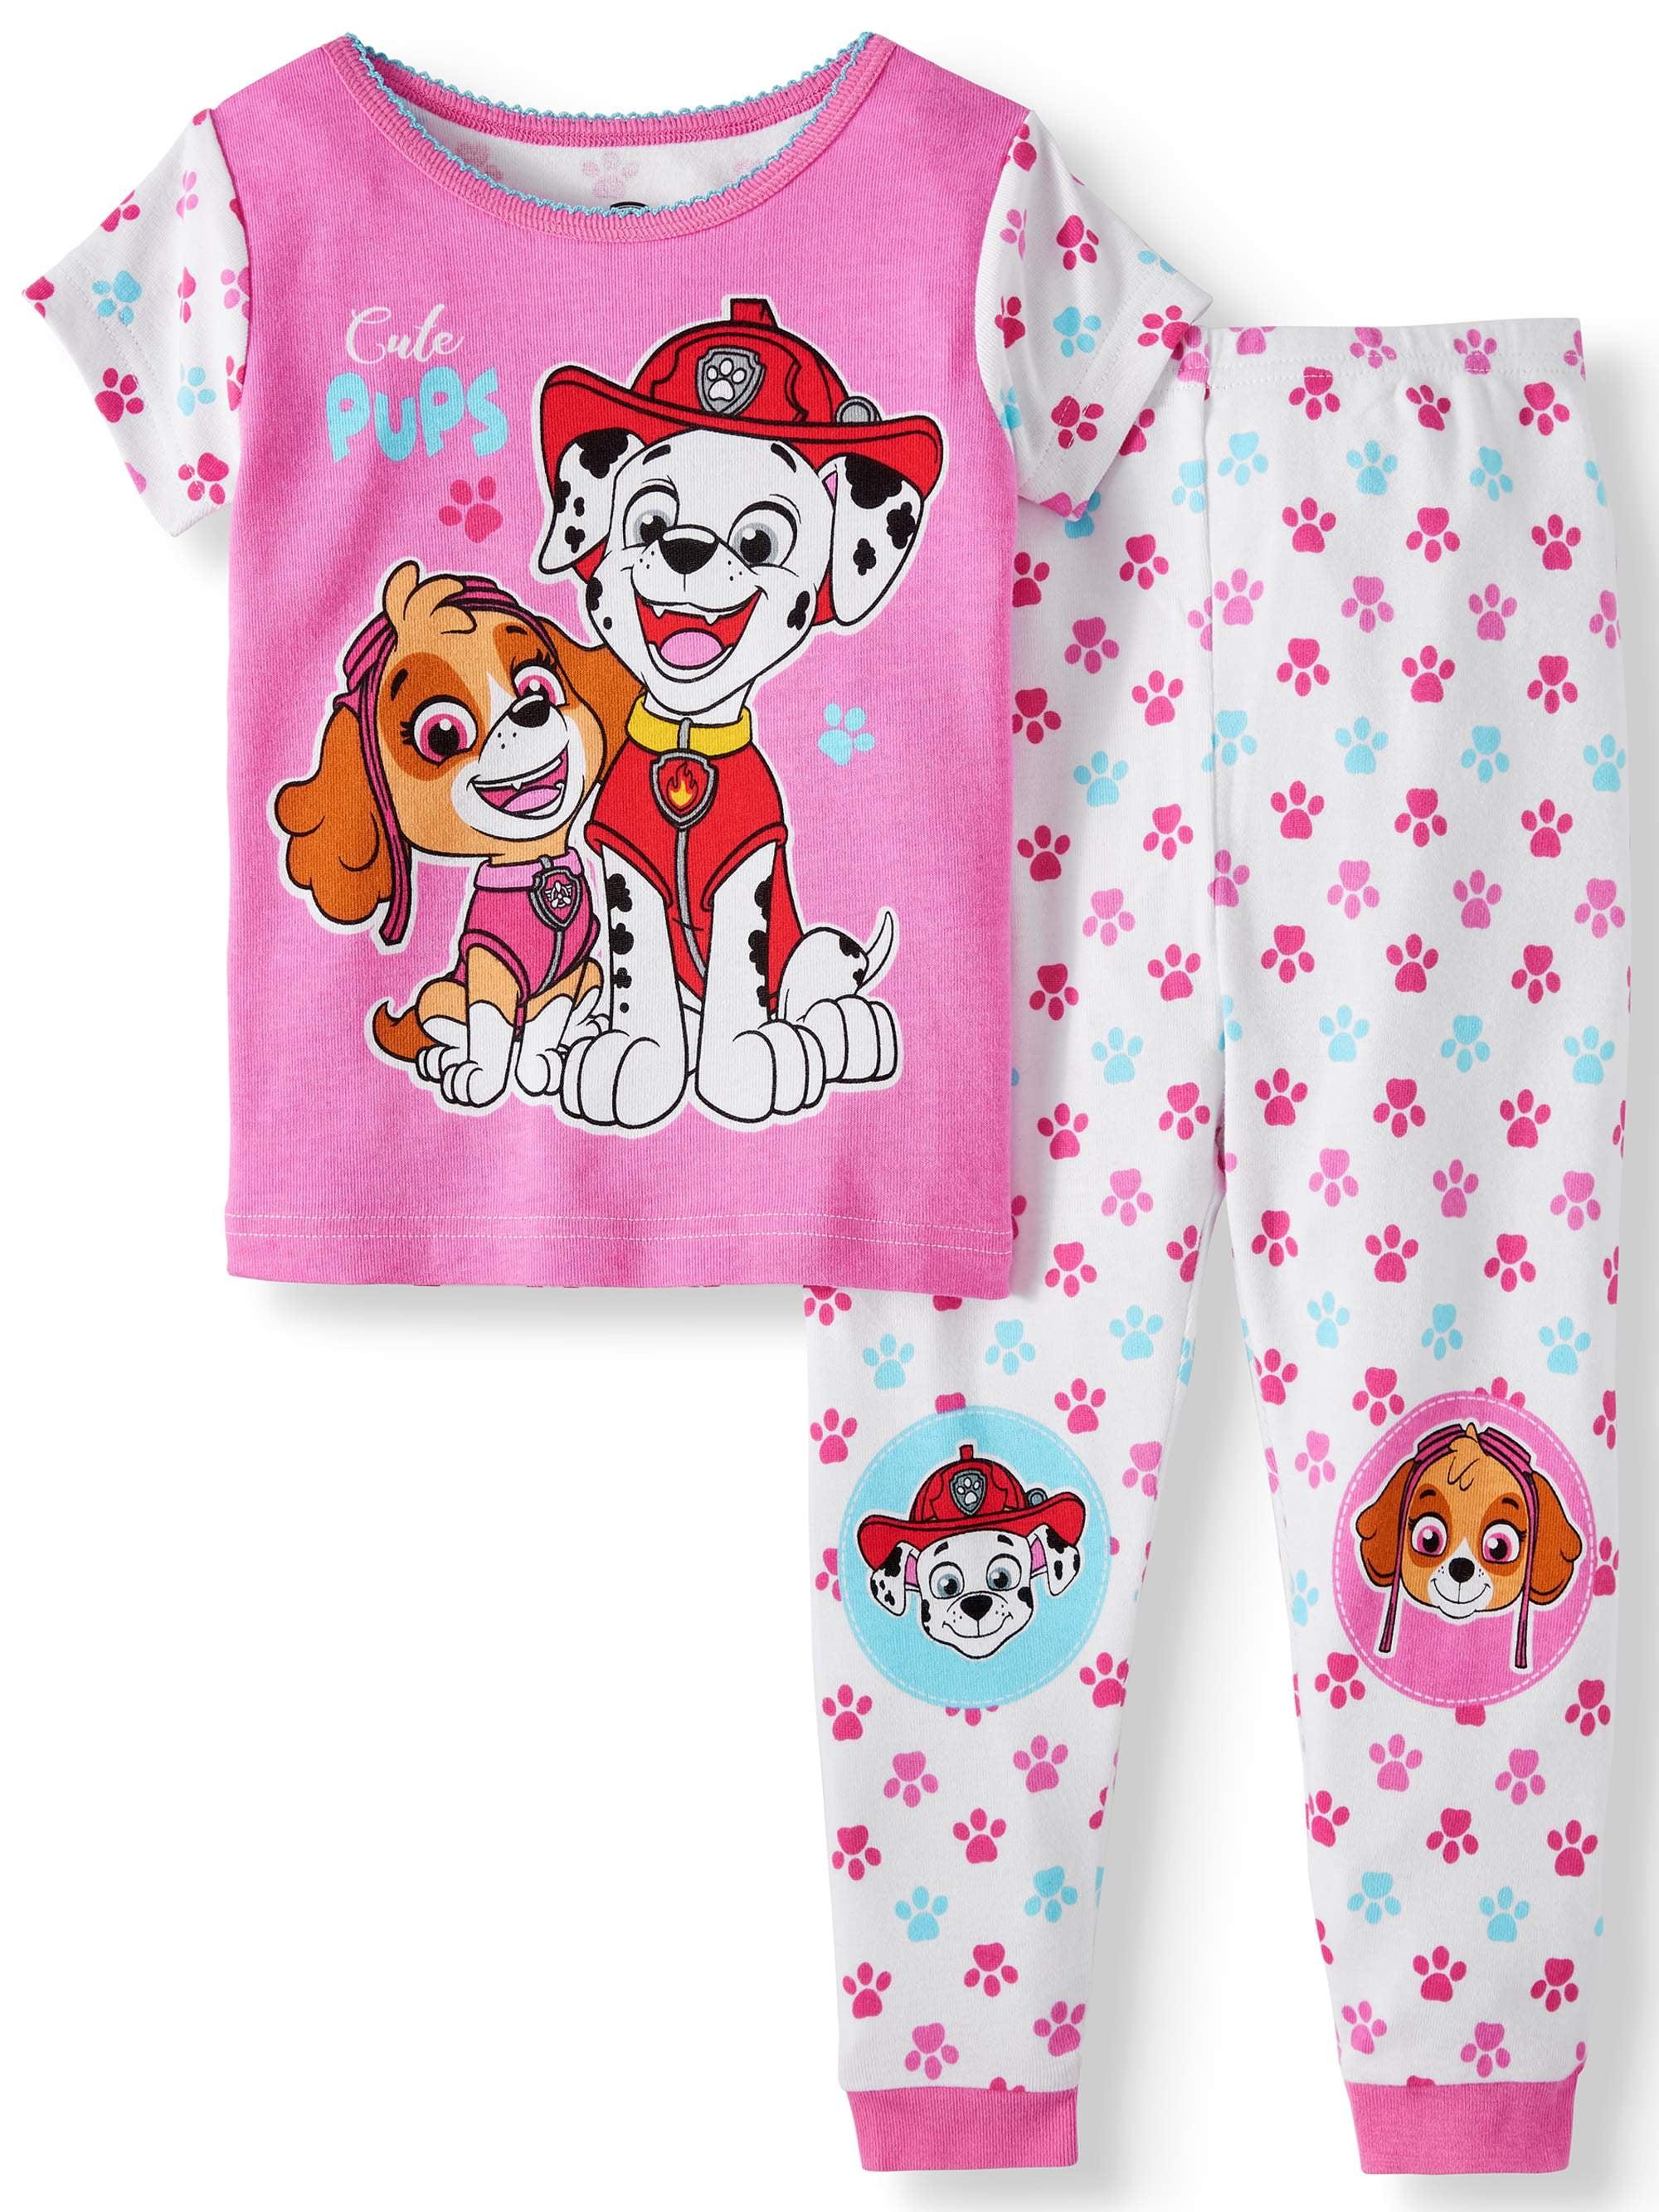 Cotton Tight Fit Pajamas, 2pc Set (Toddler Girls)